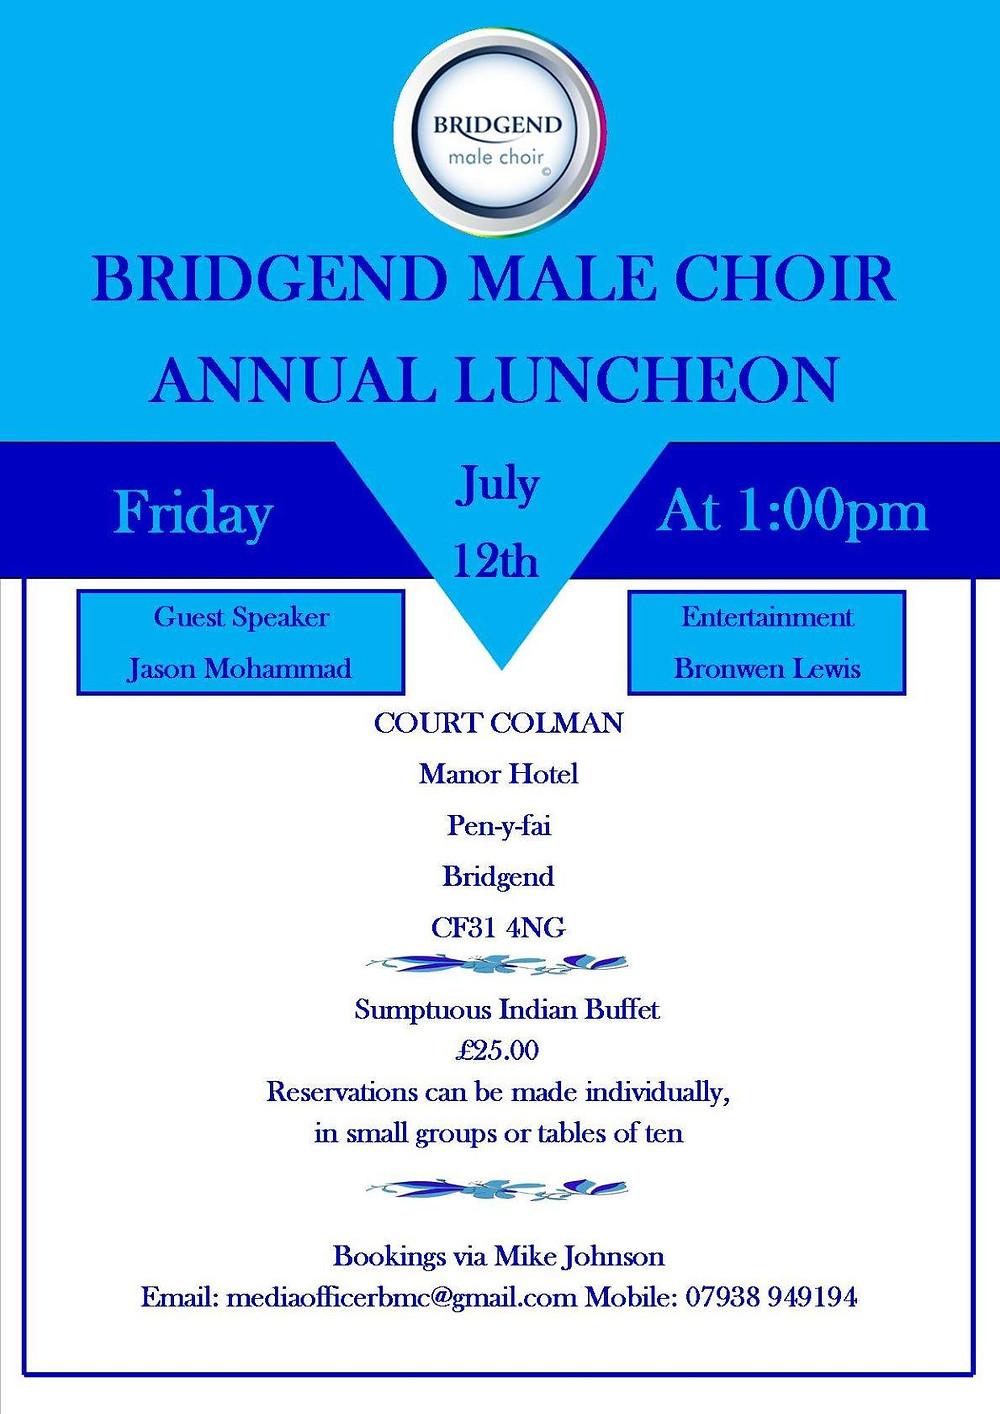 Bridgend Male Choir annual luncheon